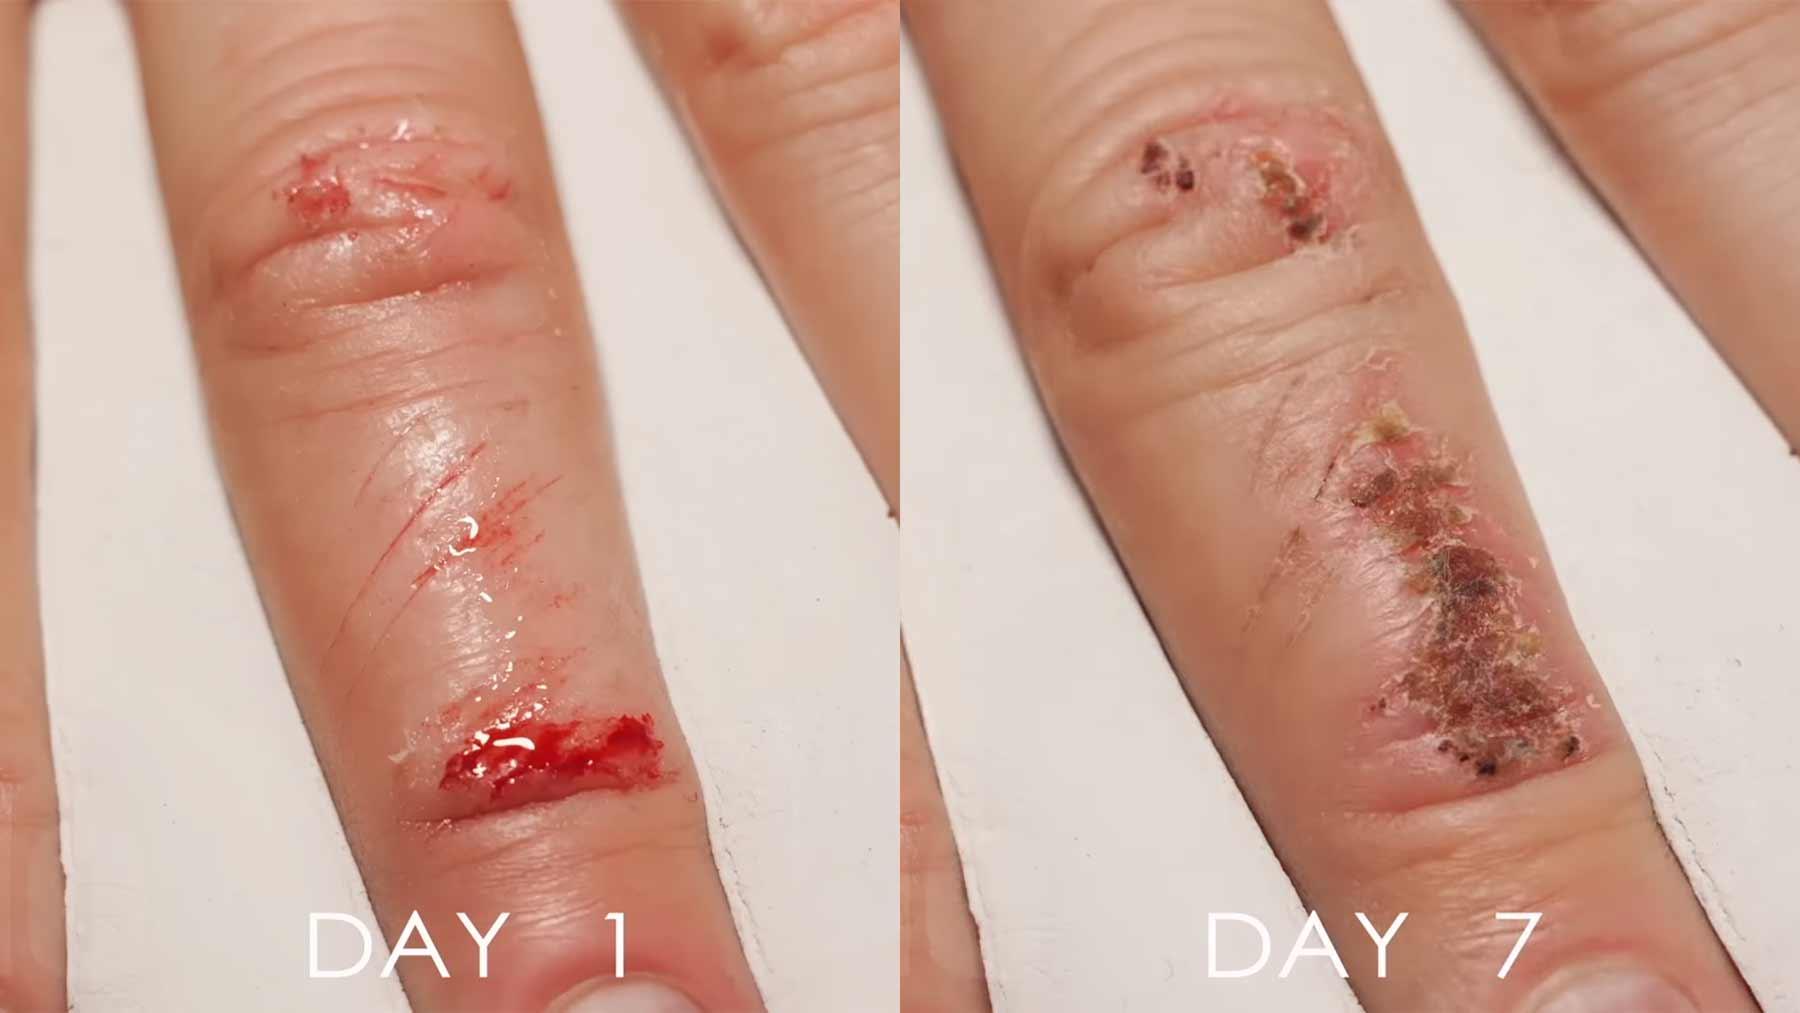 Das Heilen einer Fingerwunde im Zeitraffer-Video